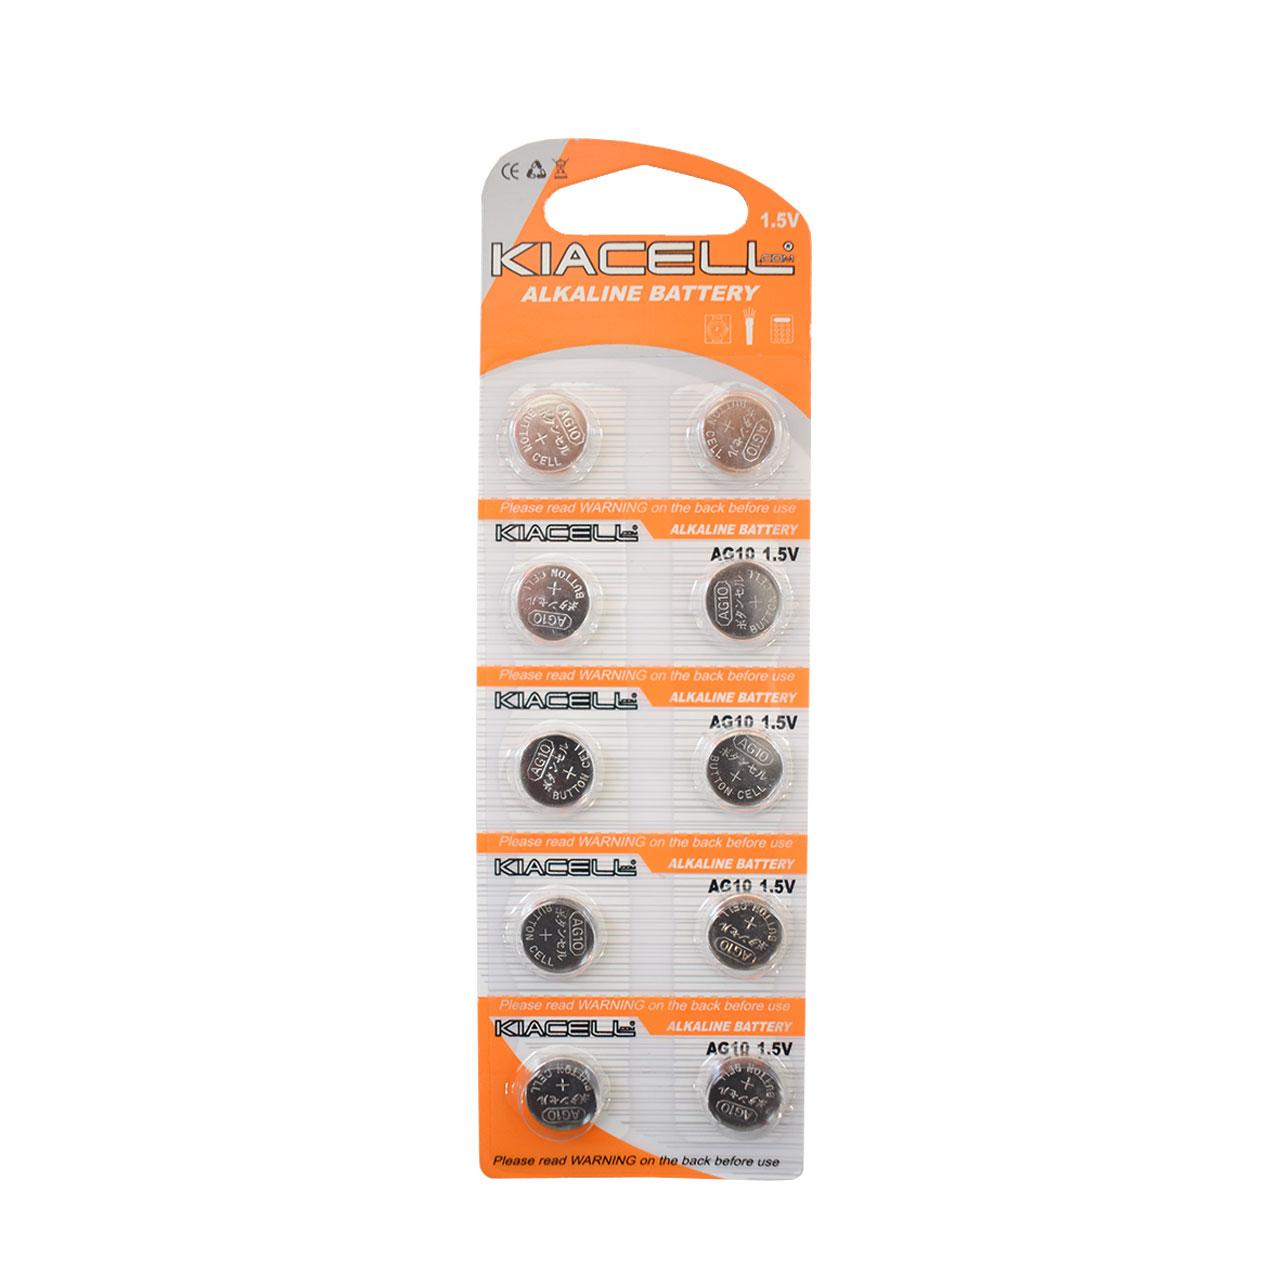 باتری ساعتی کیاسل مدل AG10 بسته 10 عددی